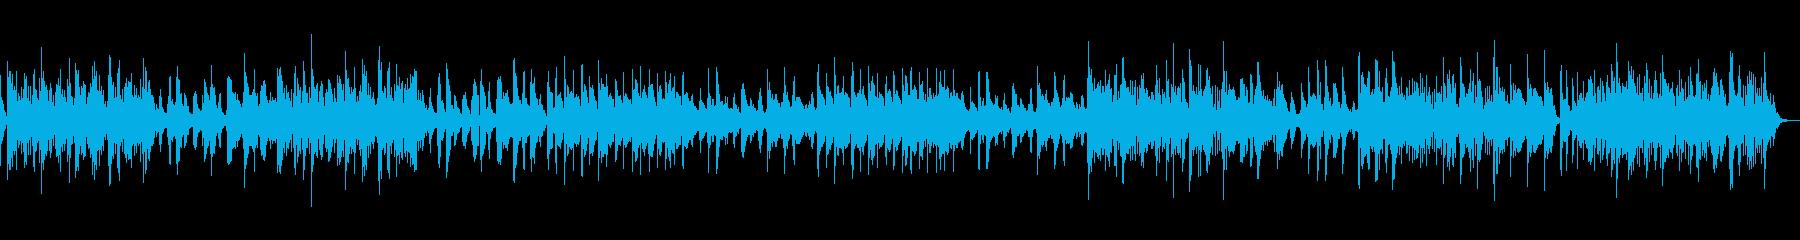 ヤバパワフル、ストラットングの再生済みの波形